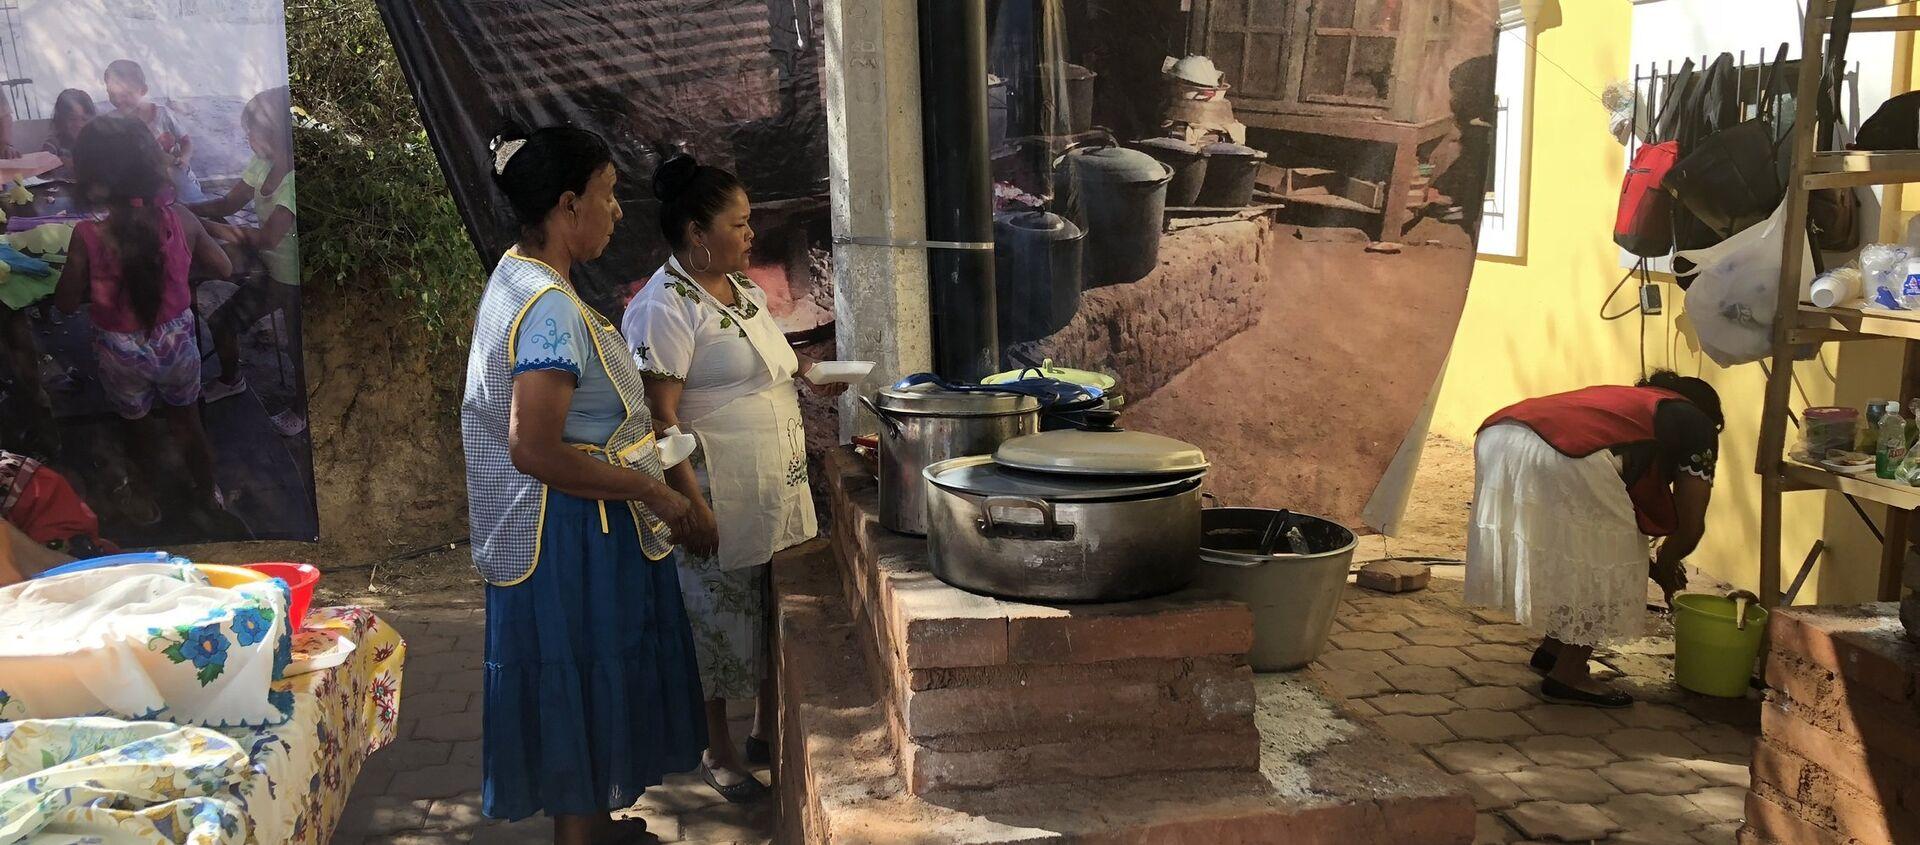 Un grupo de cocineras indígenas - Sputnik Mundo, 1920, 13.02.2019